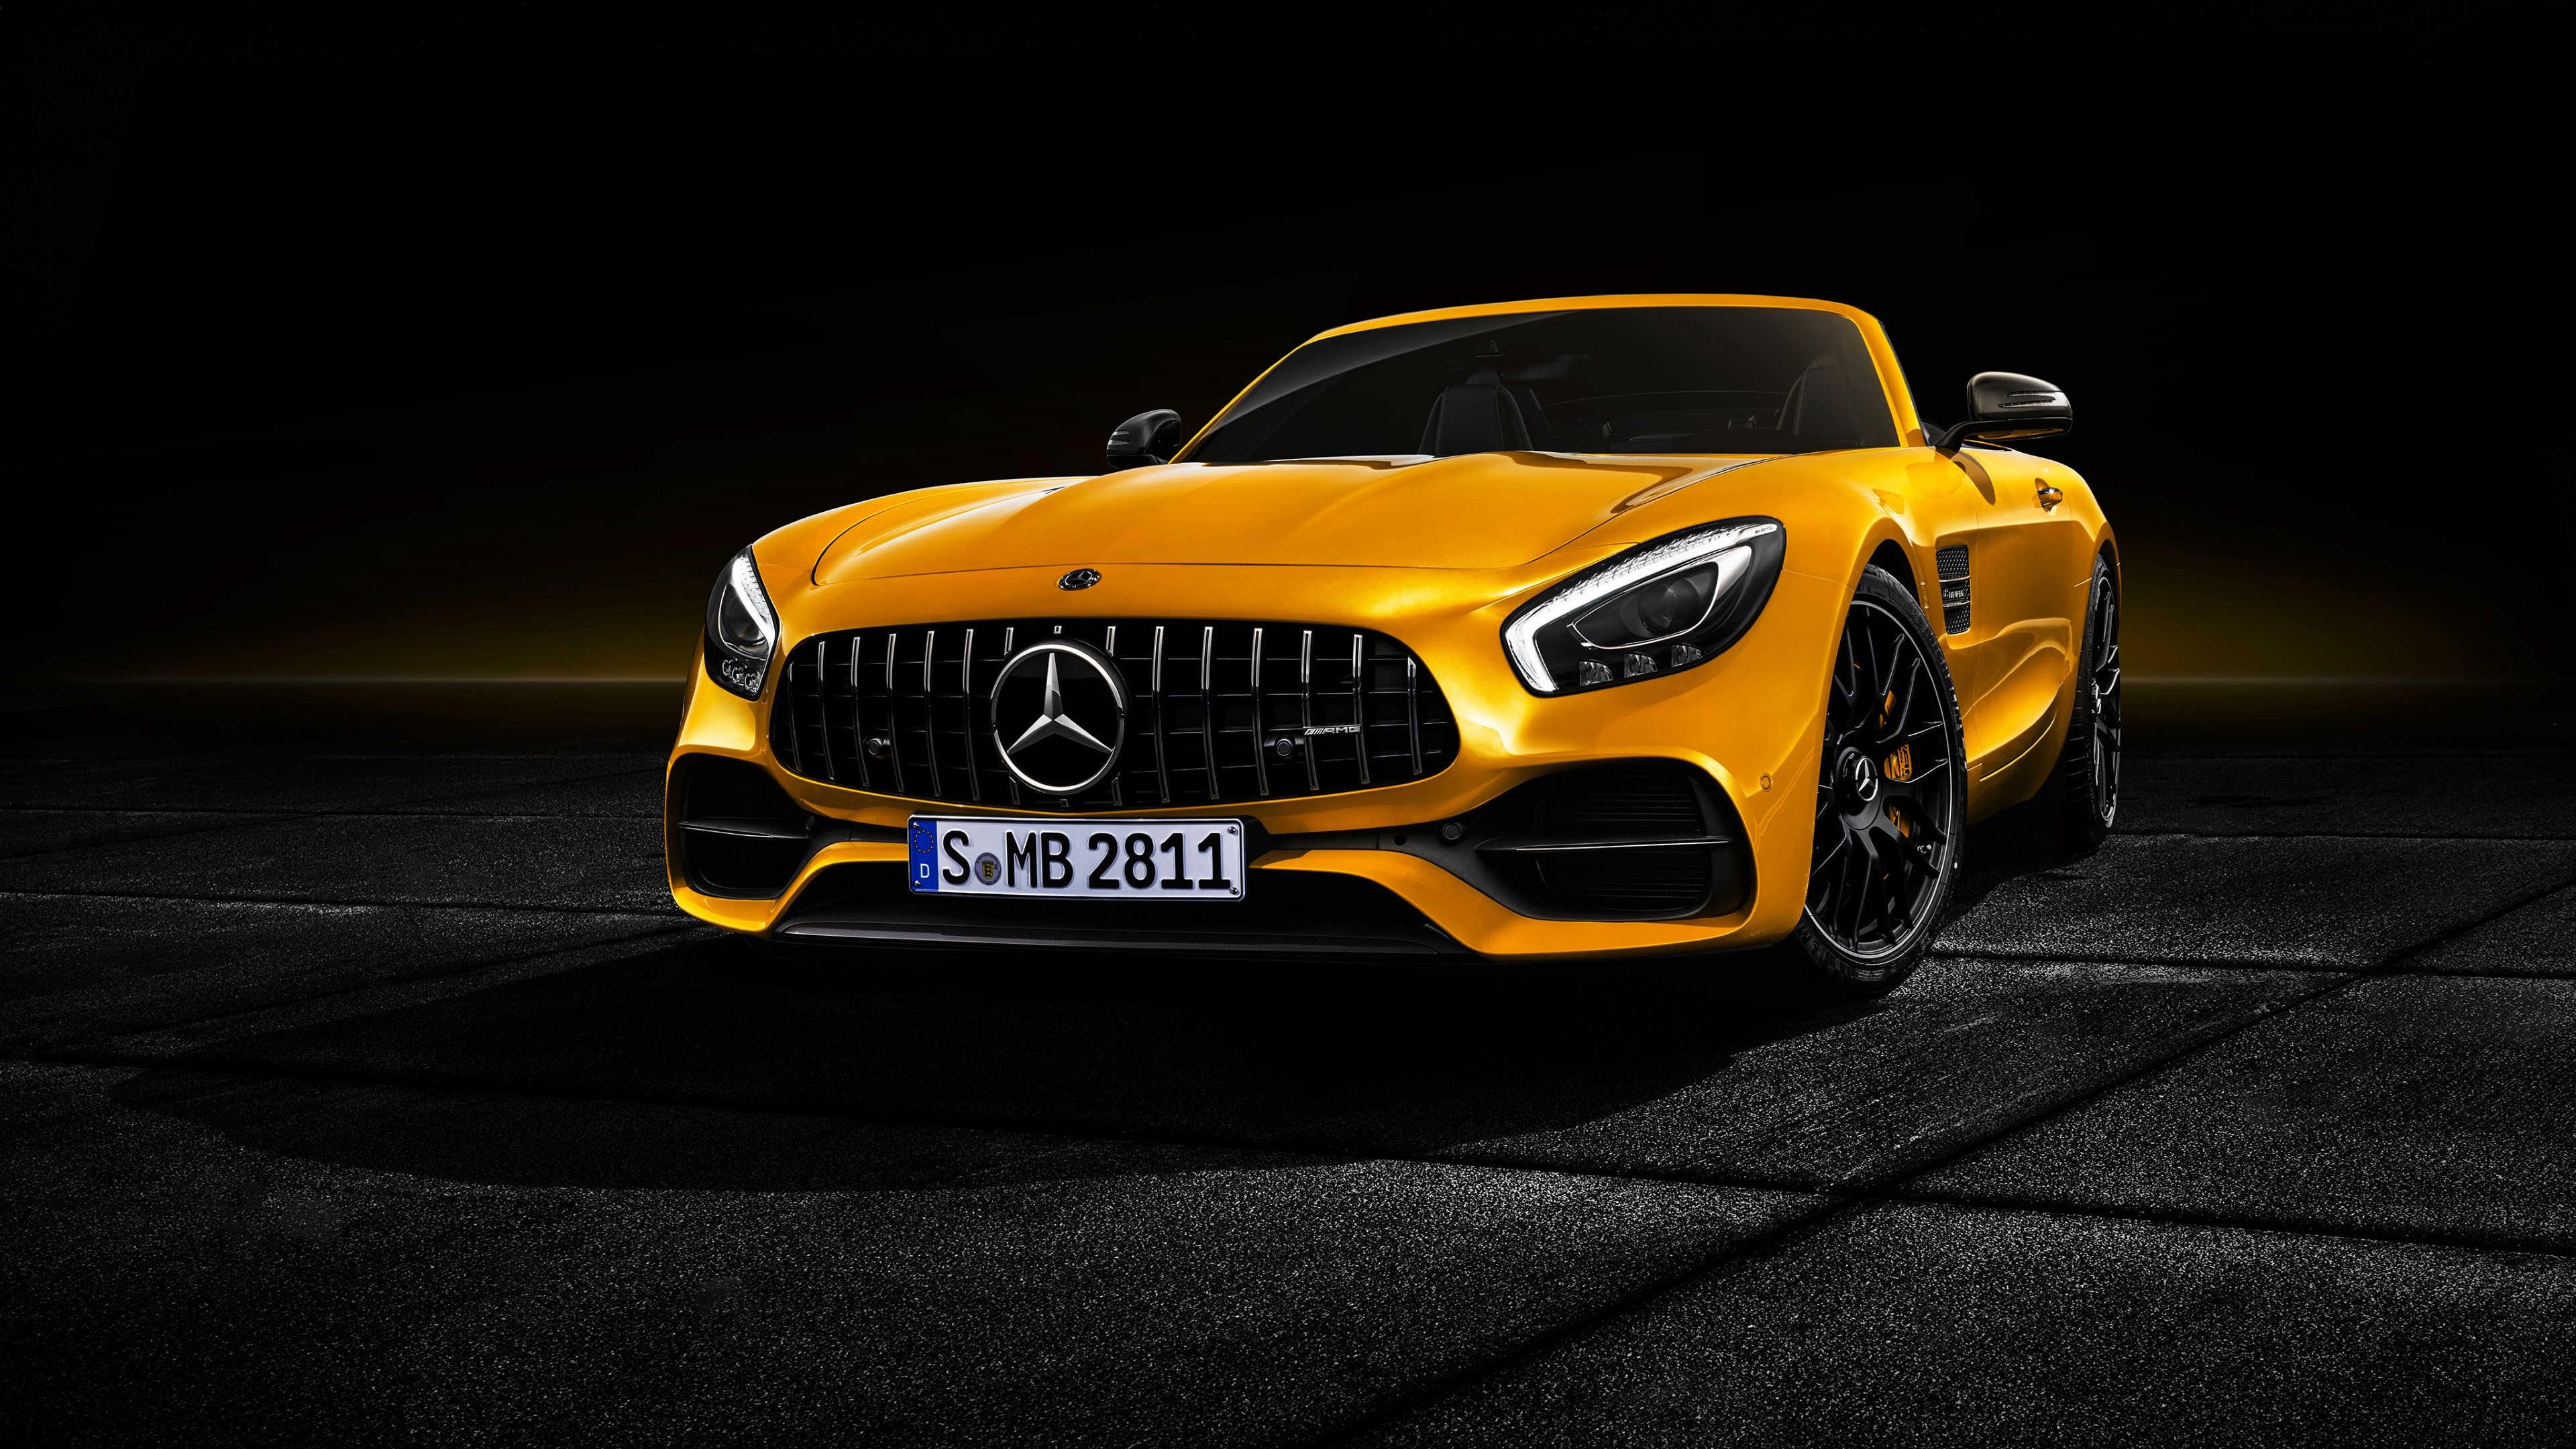 Mercedes AMG GT S Roadster Yellow UHD 4K Wallpaper   Pixelz